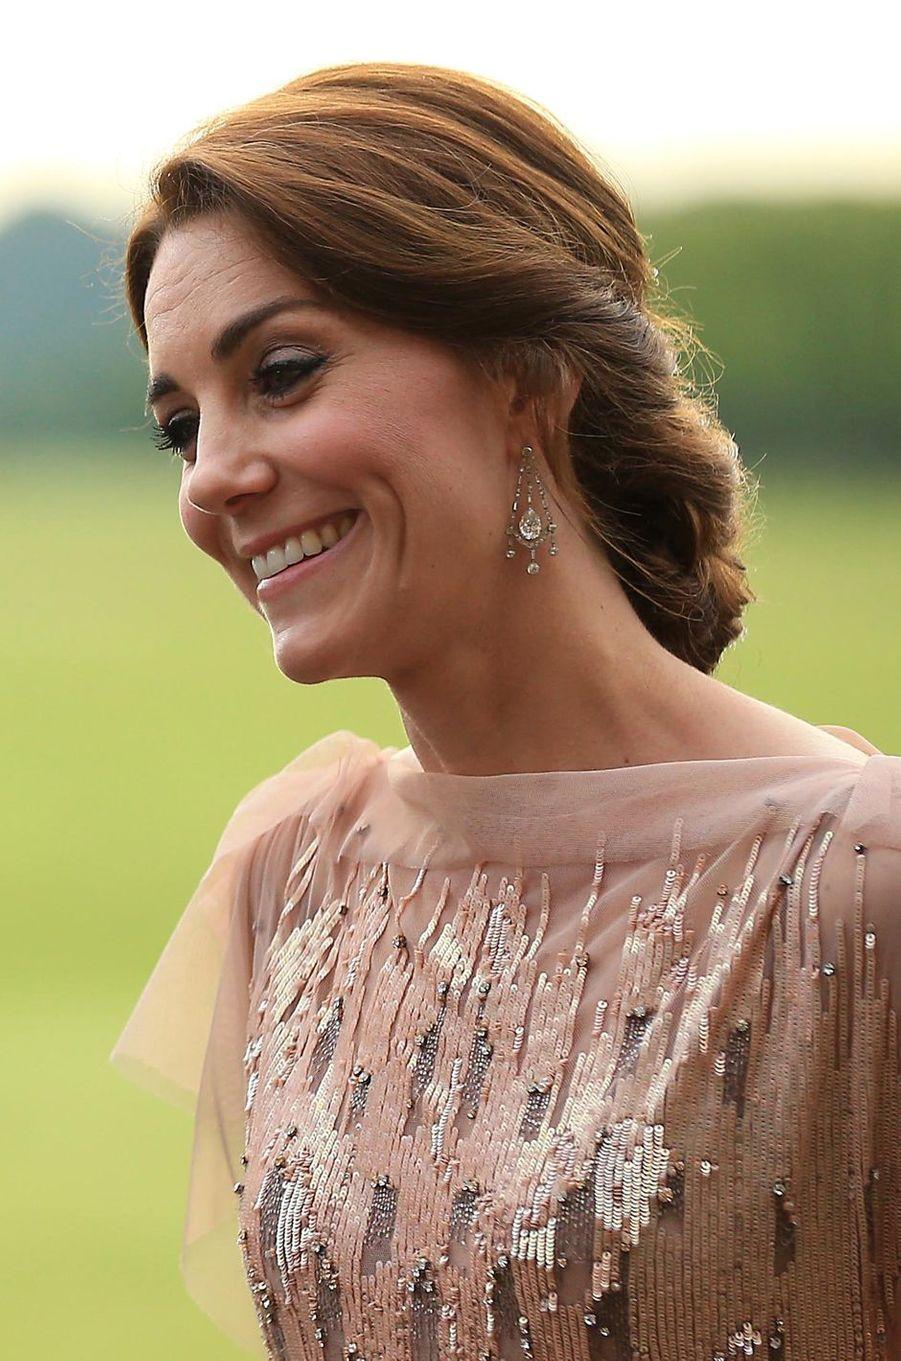 Grand soir pour la duchesse de Cambridge, née Kate Middleton. Ce mercredi 22 juin se déroulait son premier gala de charité, au profit des enfants hospitalisés.